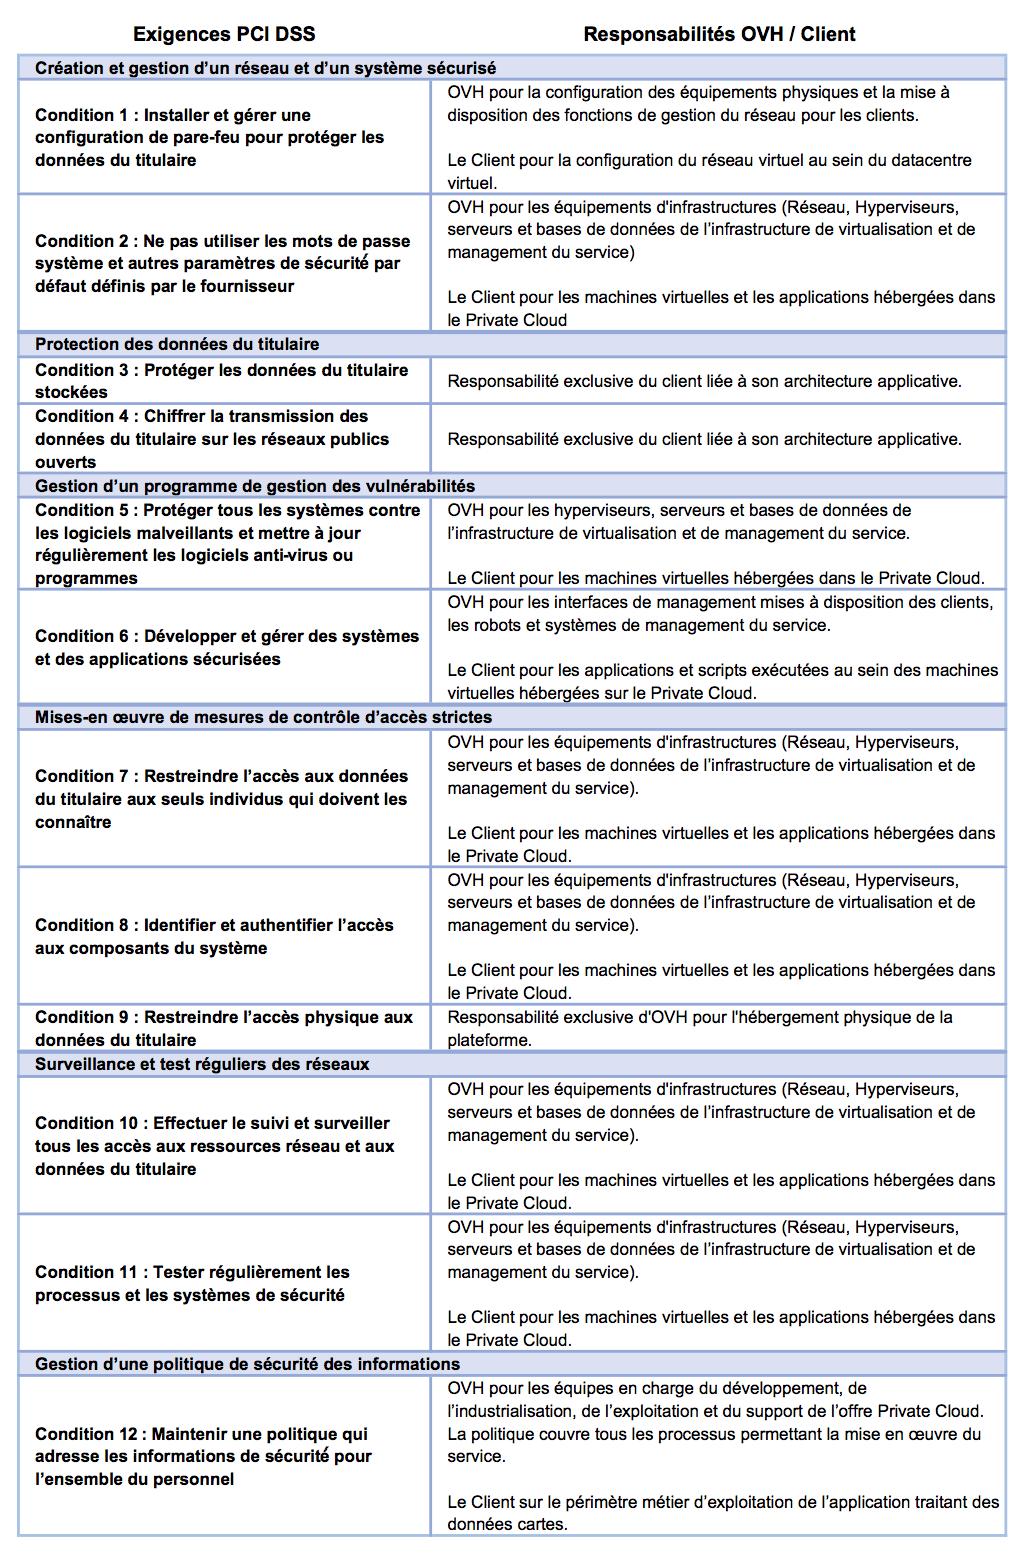 Matrice de responsabilité PCI DSS